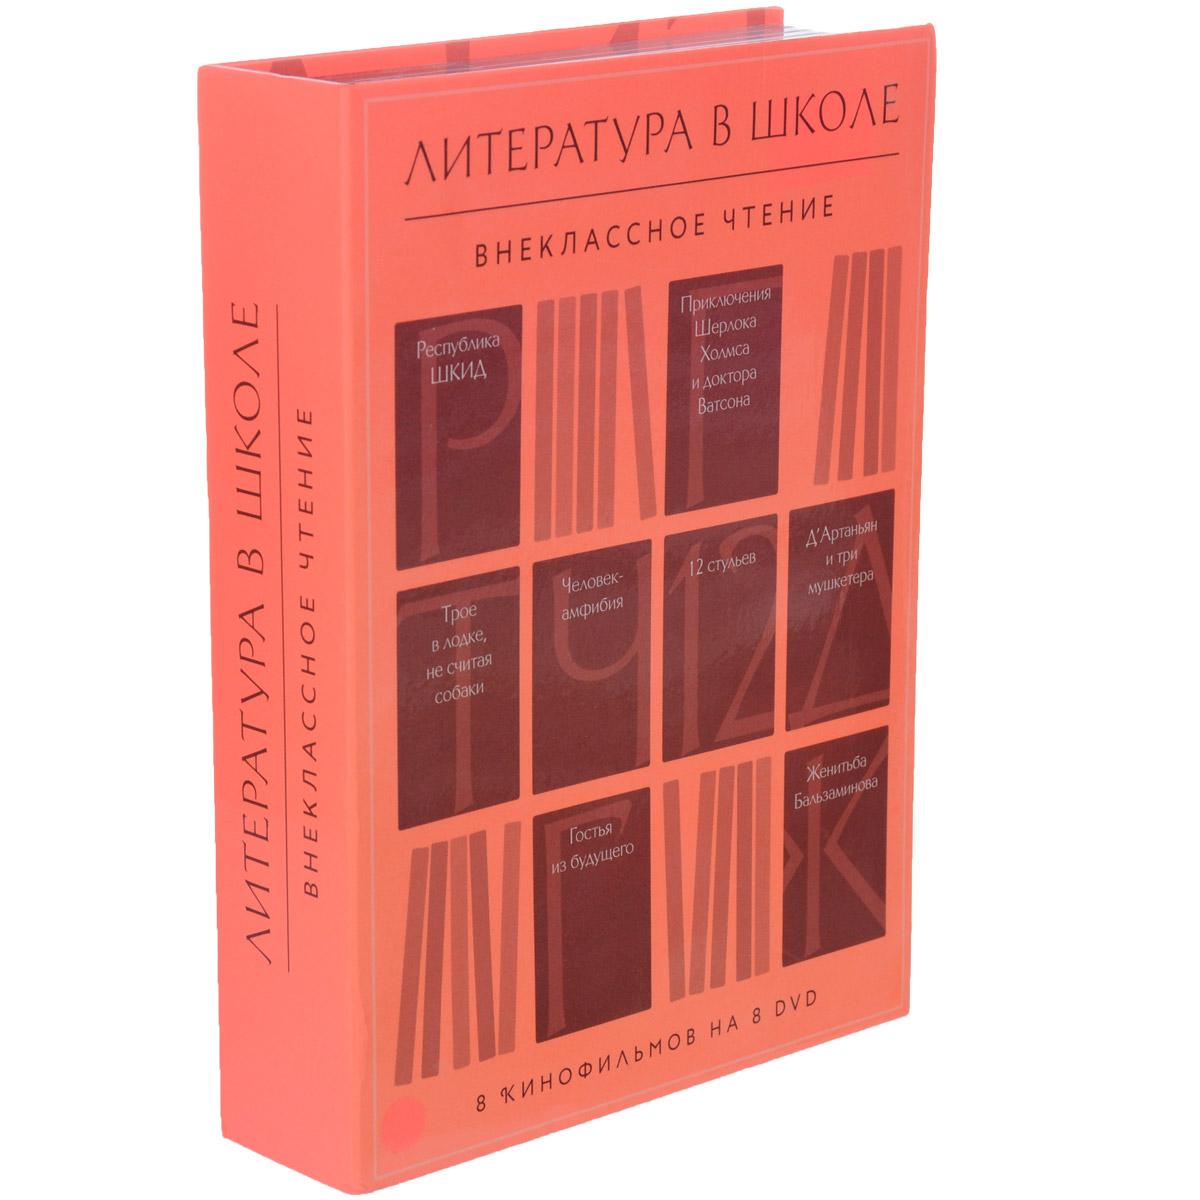 Литература в школе. Внеклассное чтение (8 DVD)